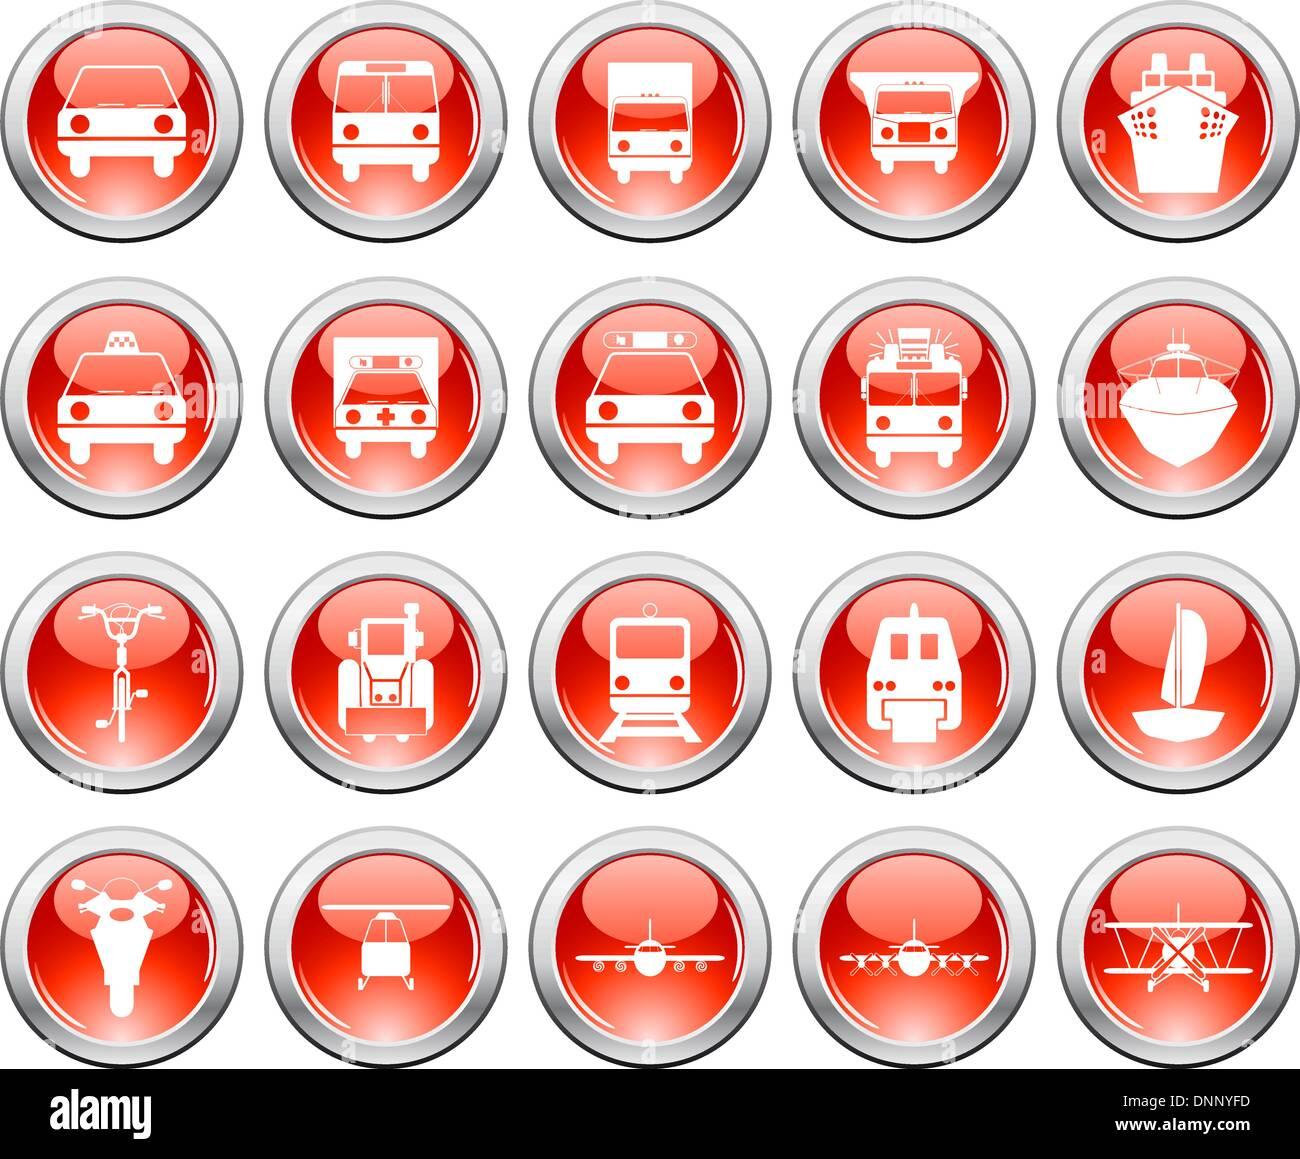 Vectores colección de temas musicales diferentes iconos Imagen De Stock